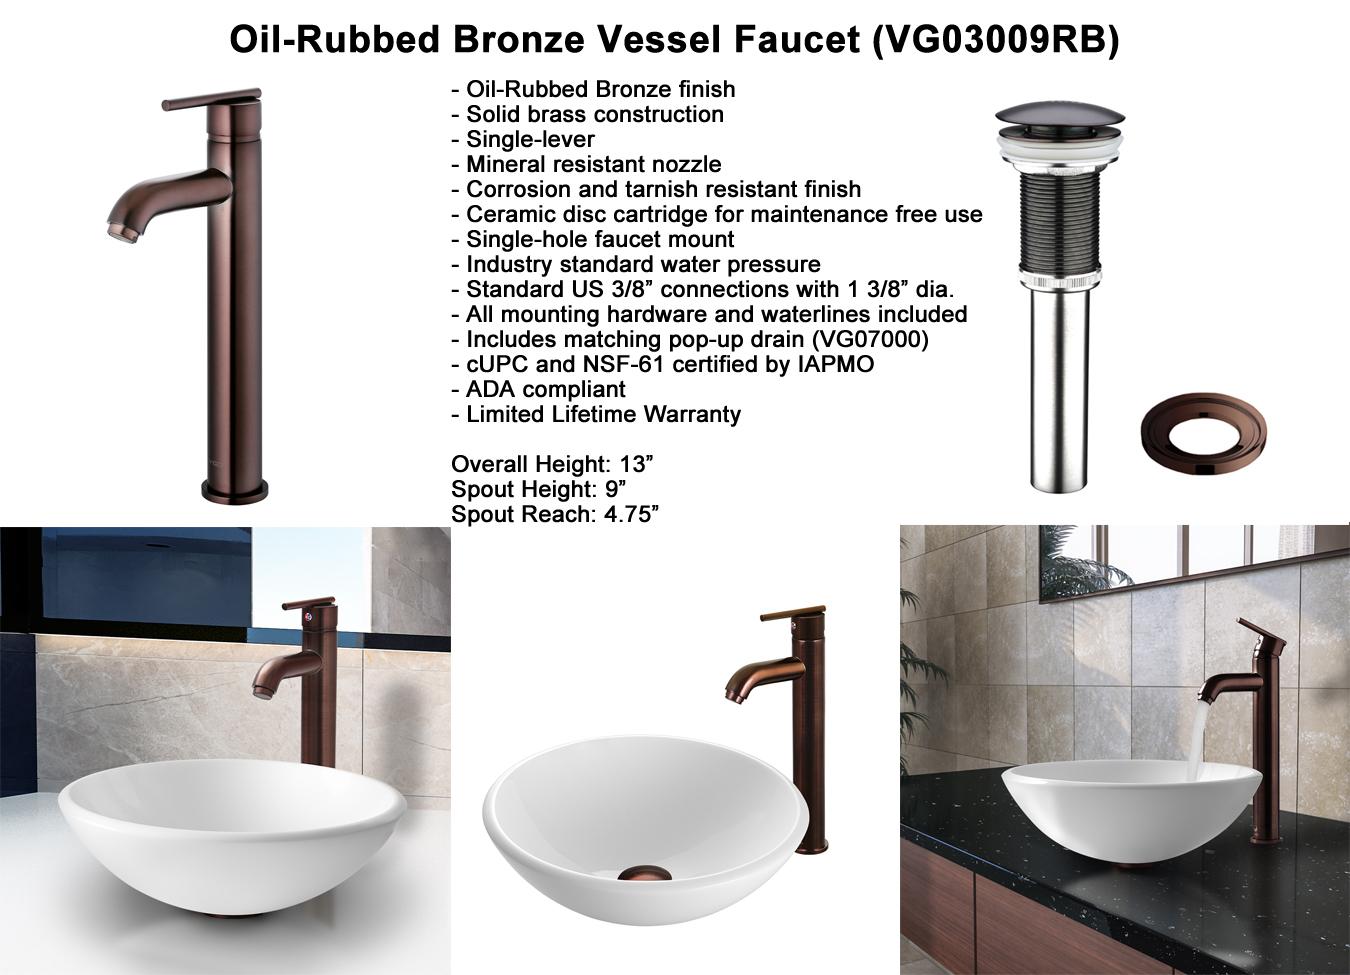 Faucet Set 3 - Otis Vessel Faucet in Oil-Rubbed Bronze (VGT202)